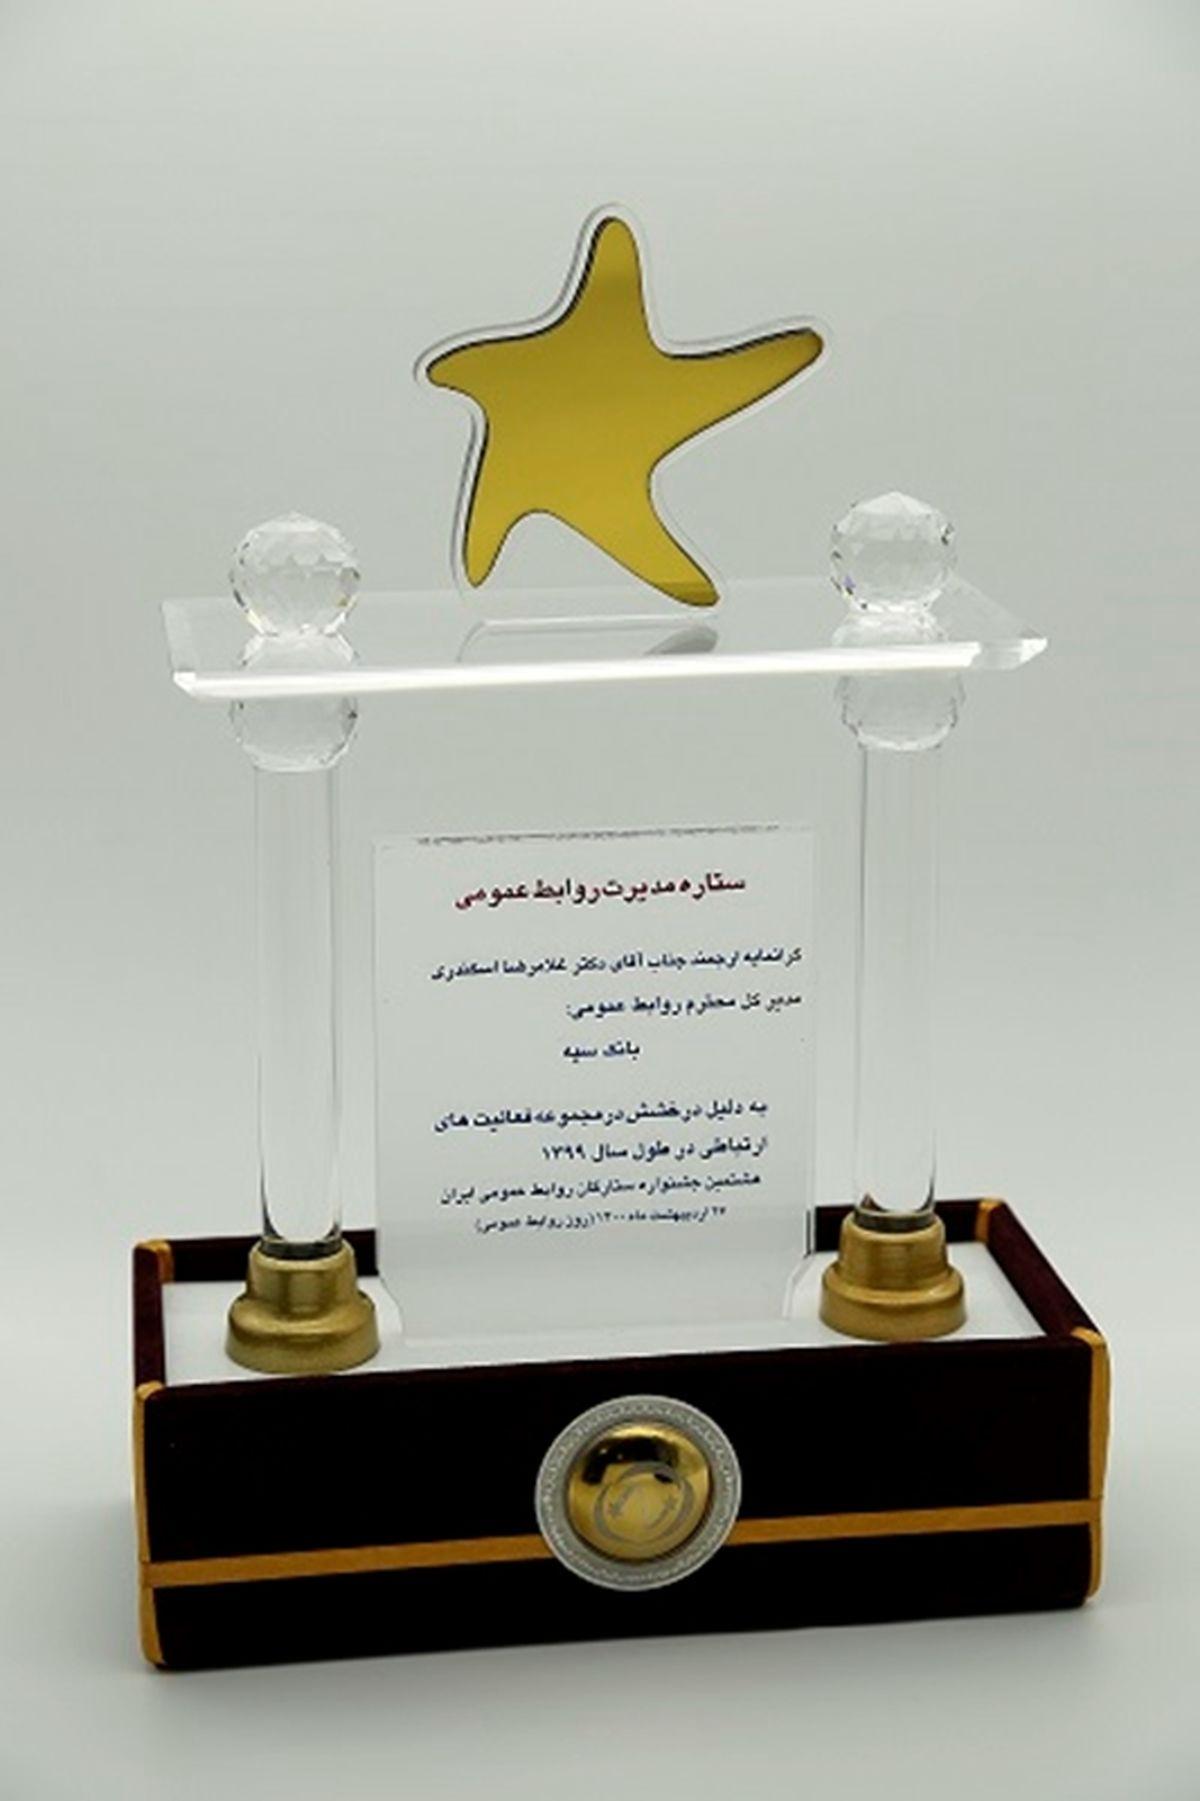 درخشش بانک سپه در جشنواره ستارگان روابط عمومی ایران